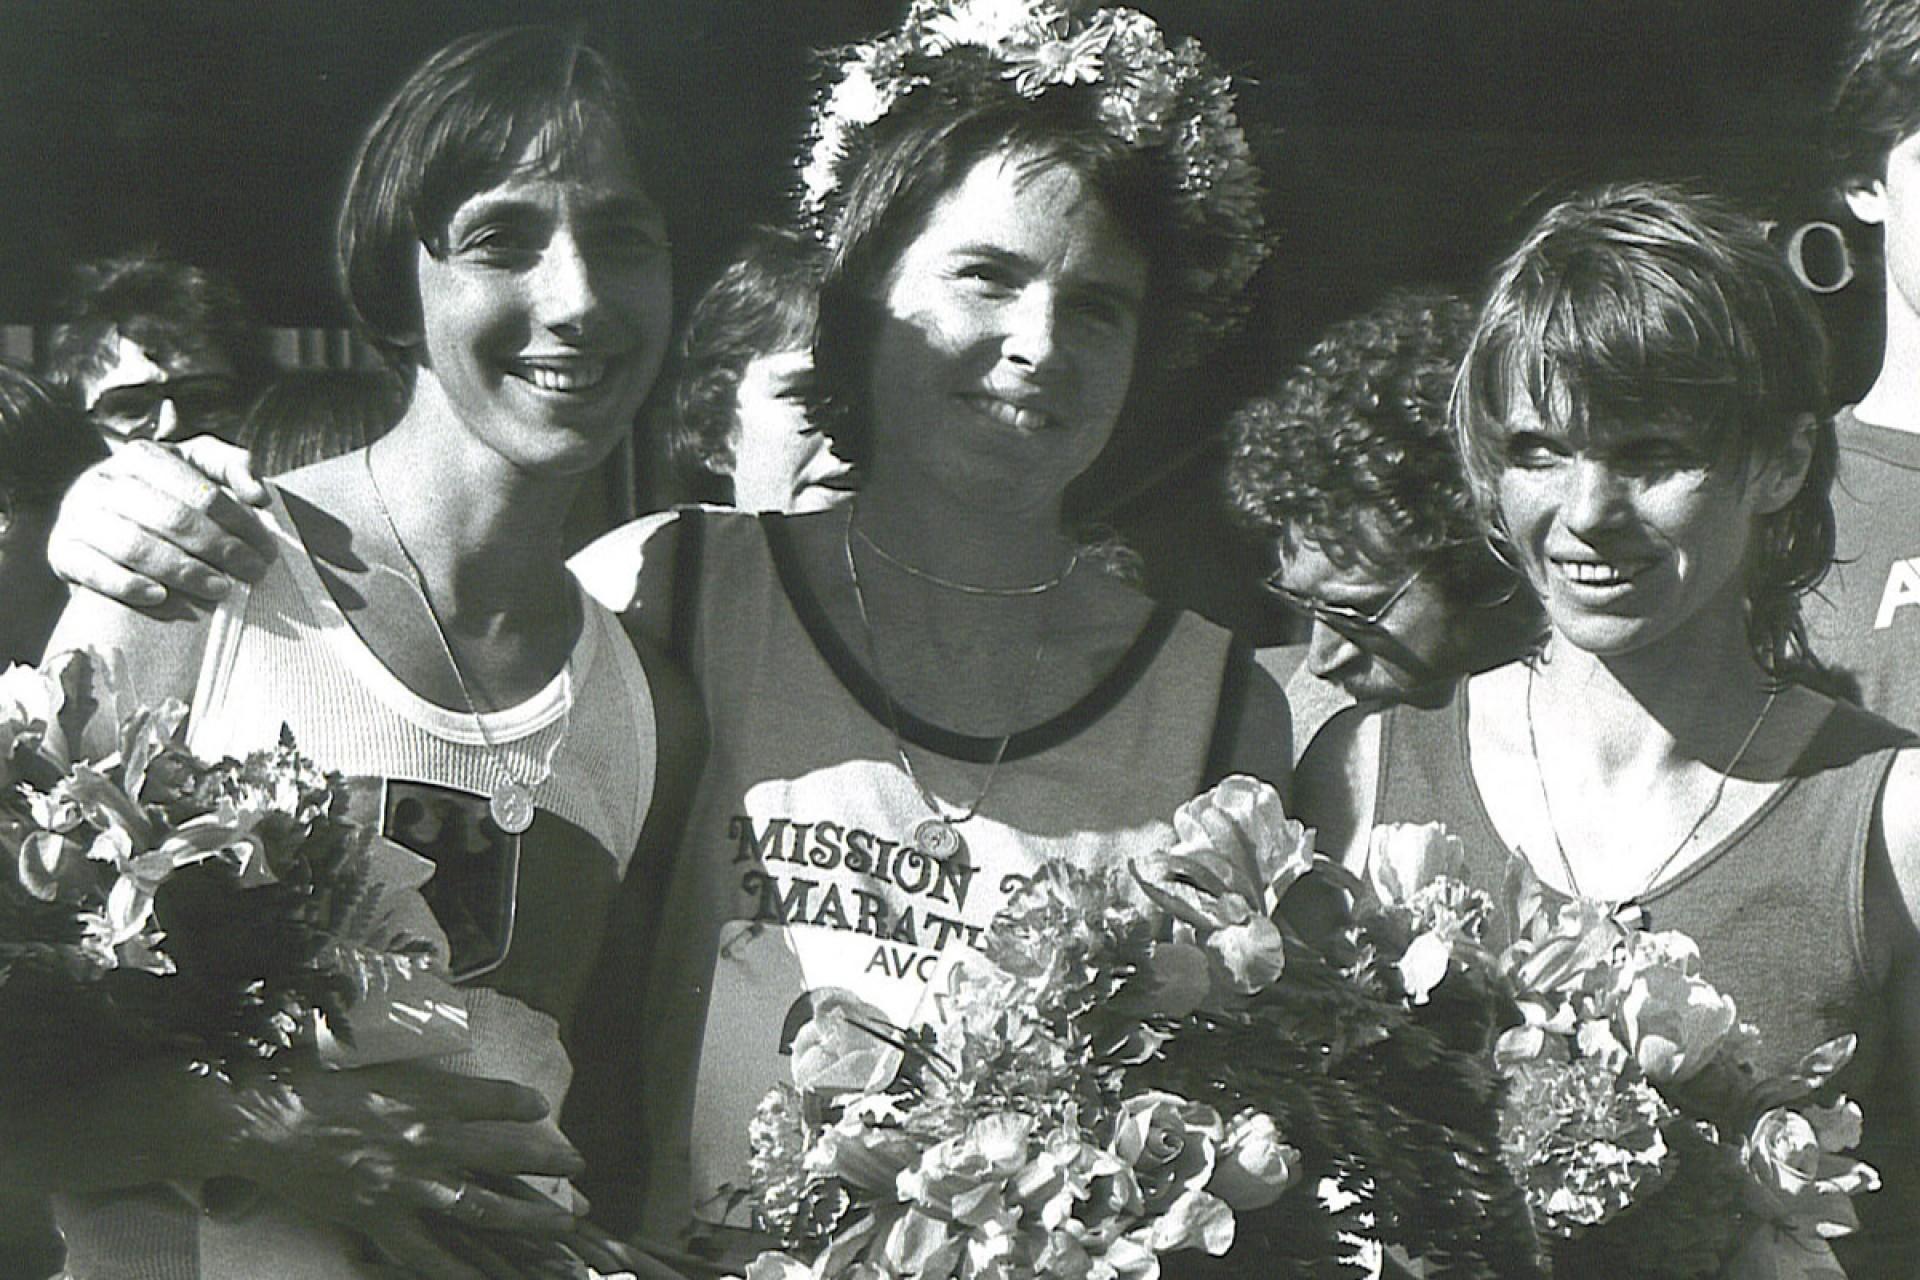 1978_atlanta_maraton_2_hely_monspart_futasrol_noknek_fit_1920x10000-2.jpg